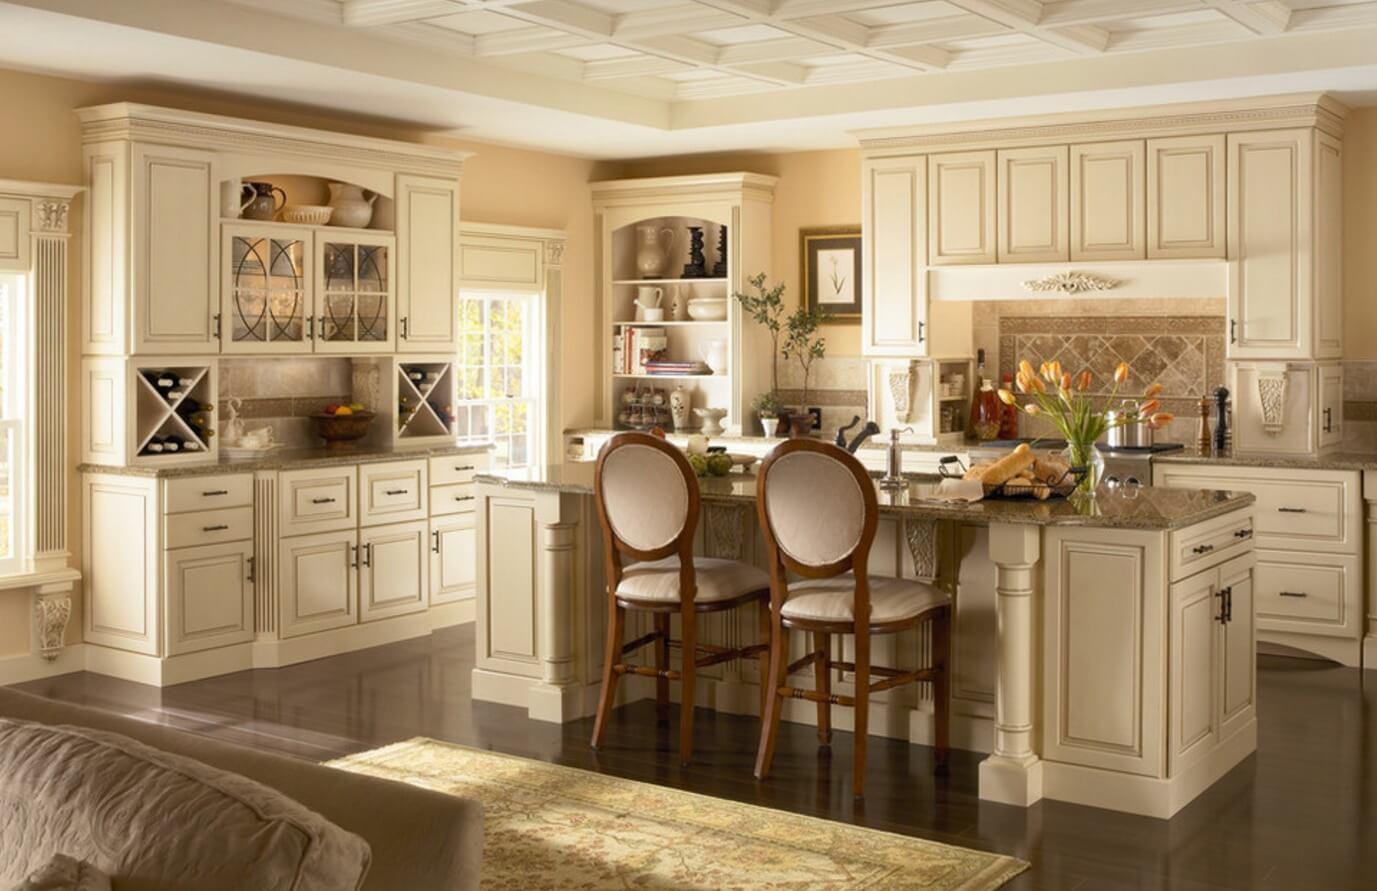 Rusztikus konyha képek - KONYHA Képek és ötletes konyhák